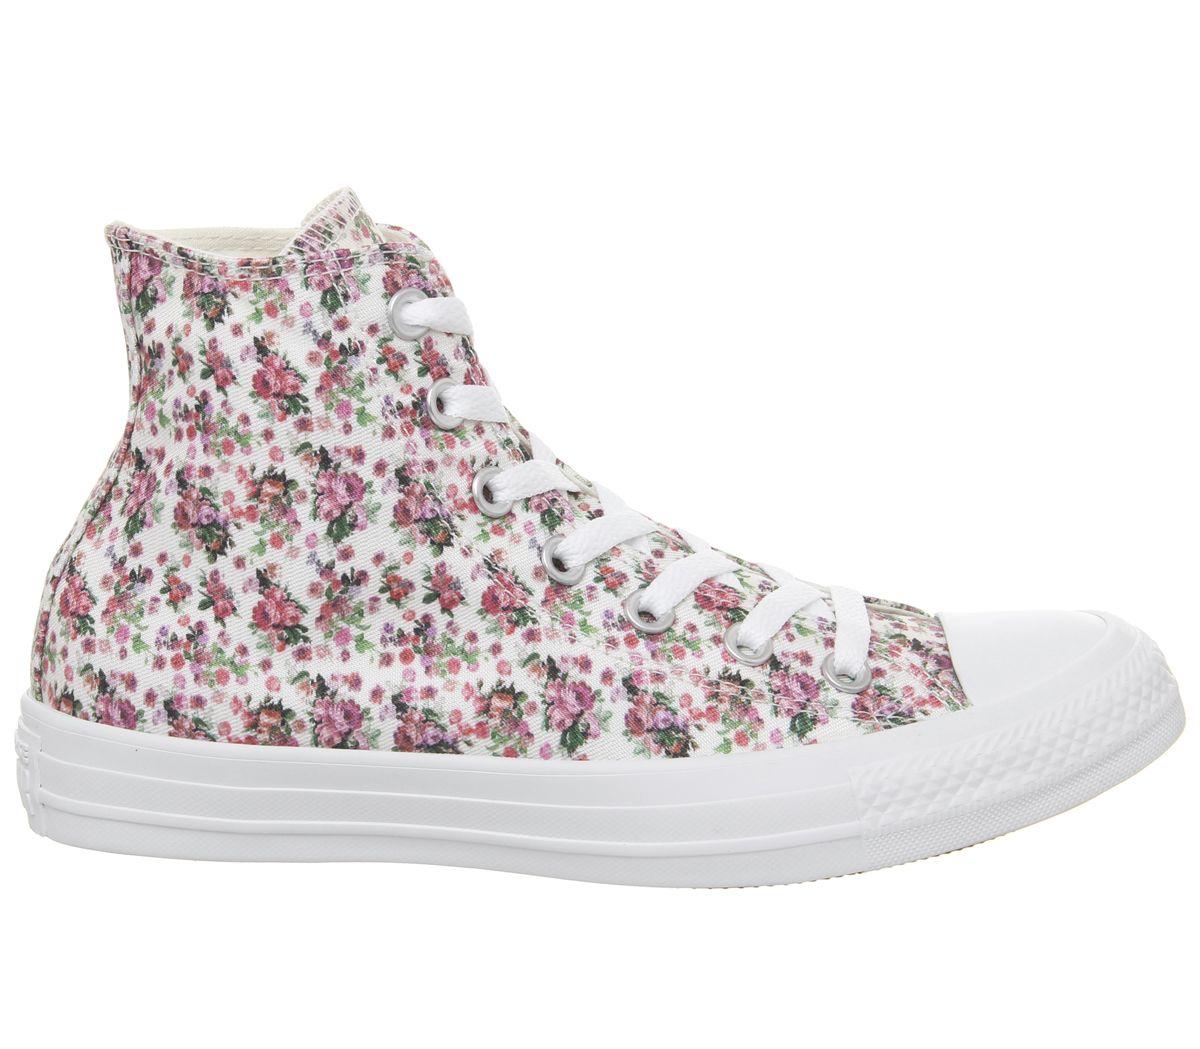 scarpe converse all star donna rosa